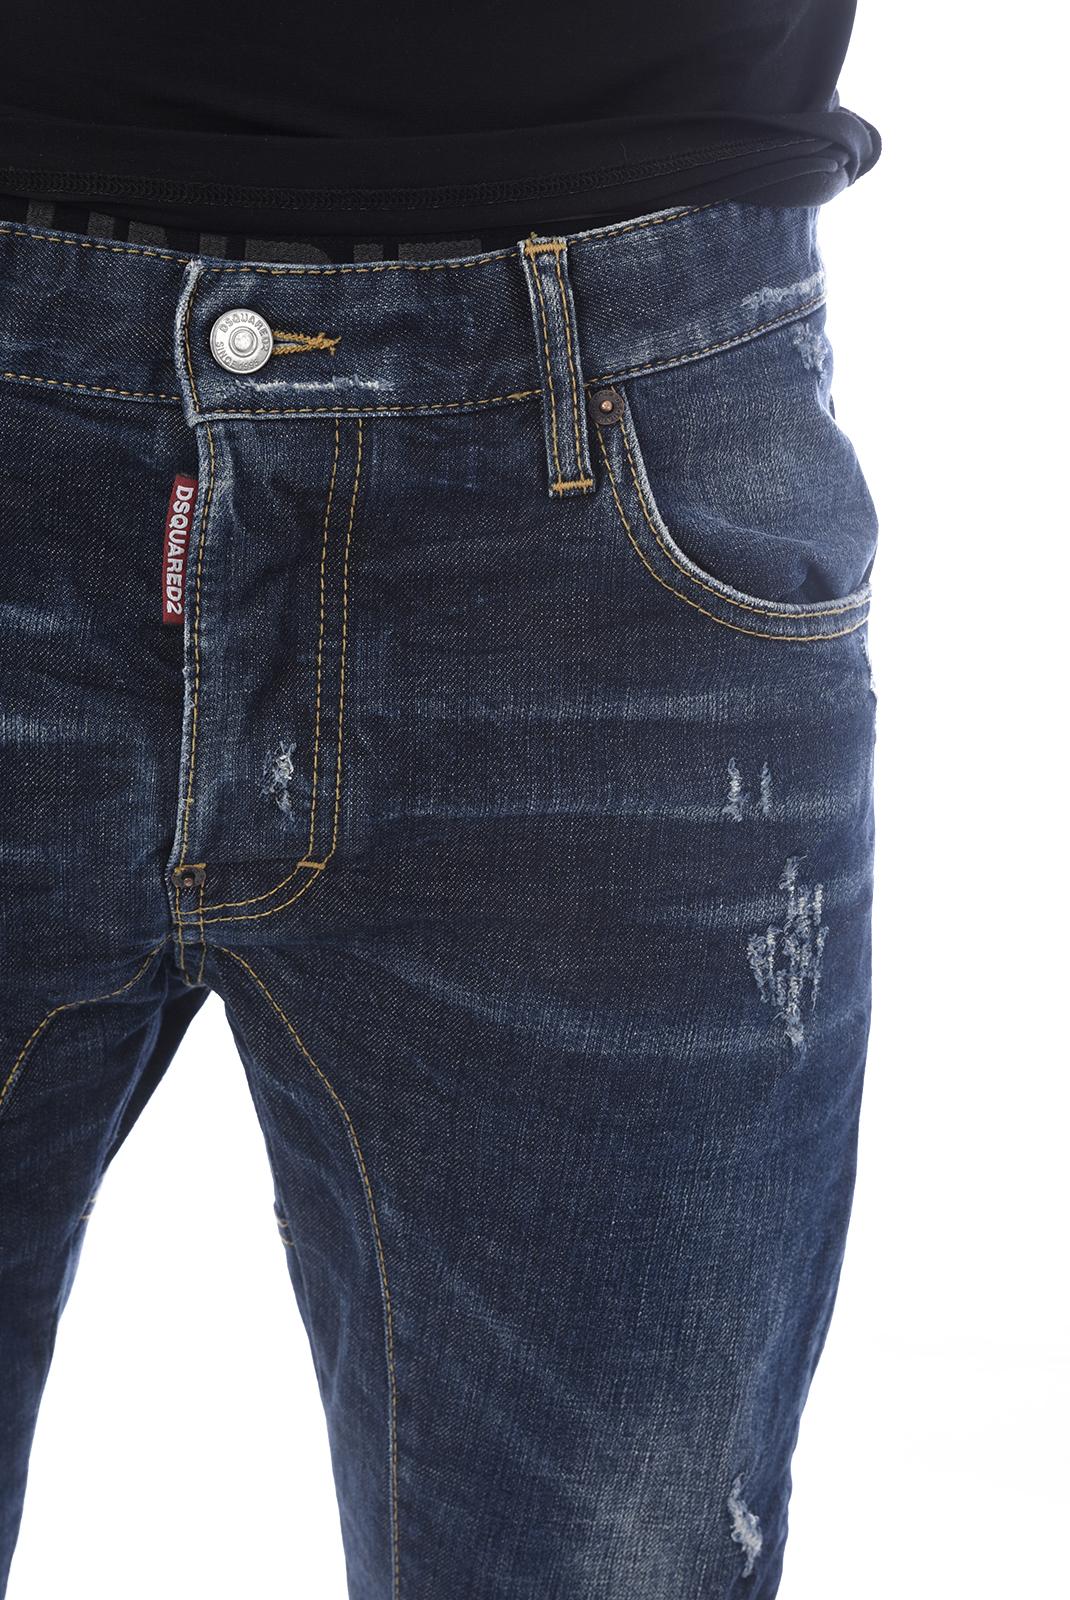 Jean slim / skinny  Dsquared2 S74LB0029 TIDY BIKER 470 INDIGO BLUE